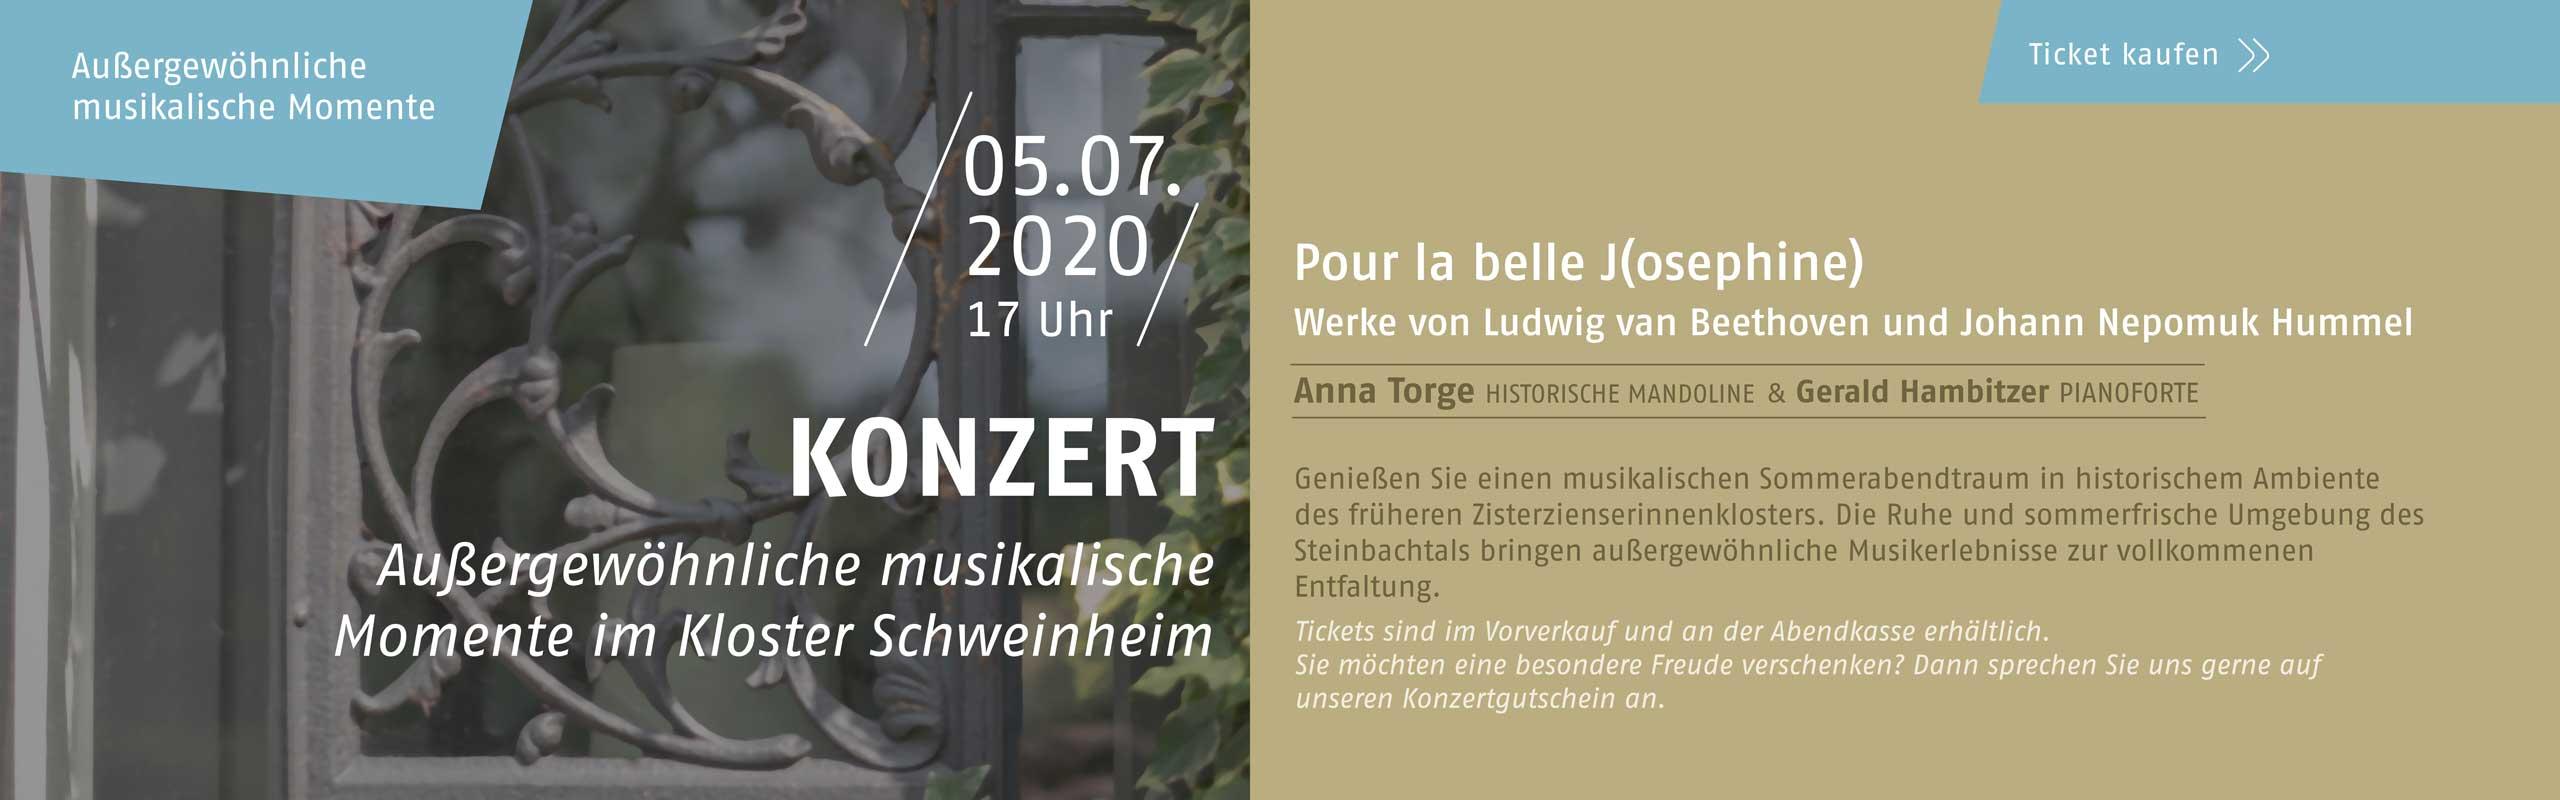 Kozert pour la belle J Beethoven Anna Torge und Gerald Hambitzer